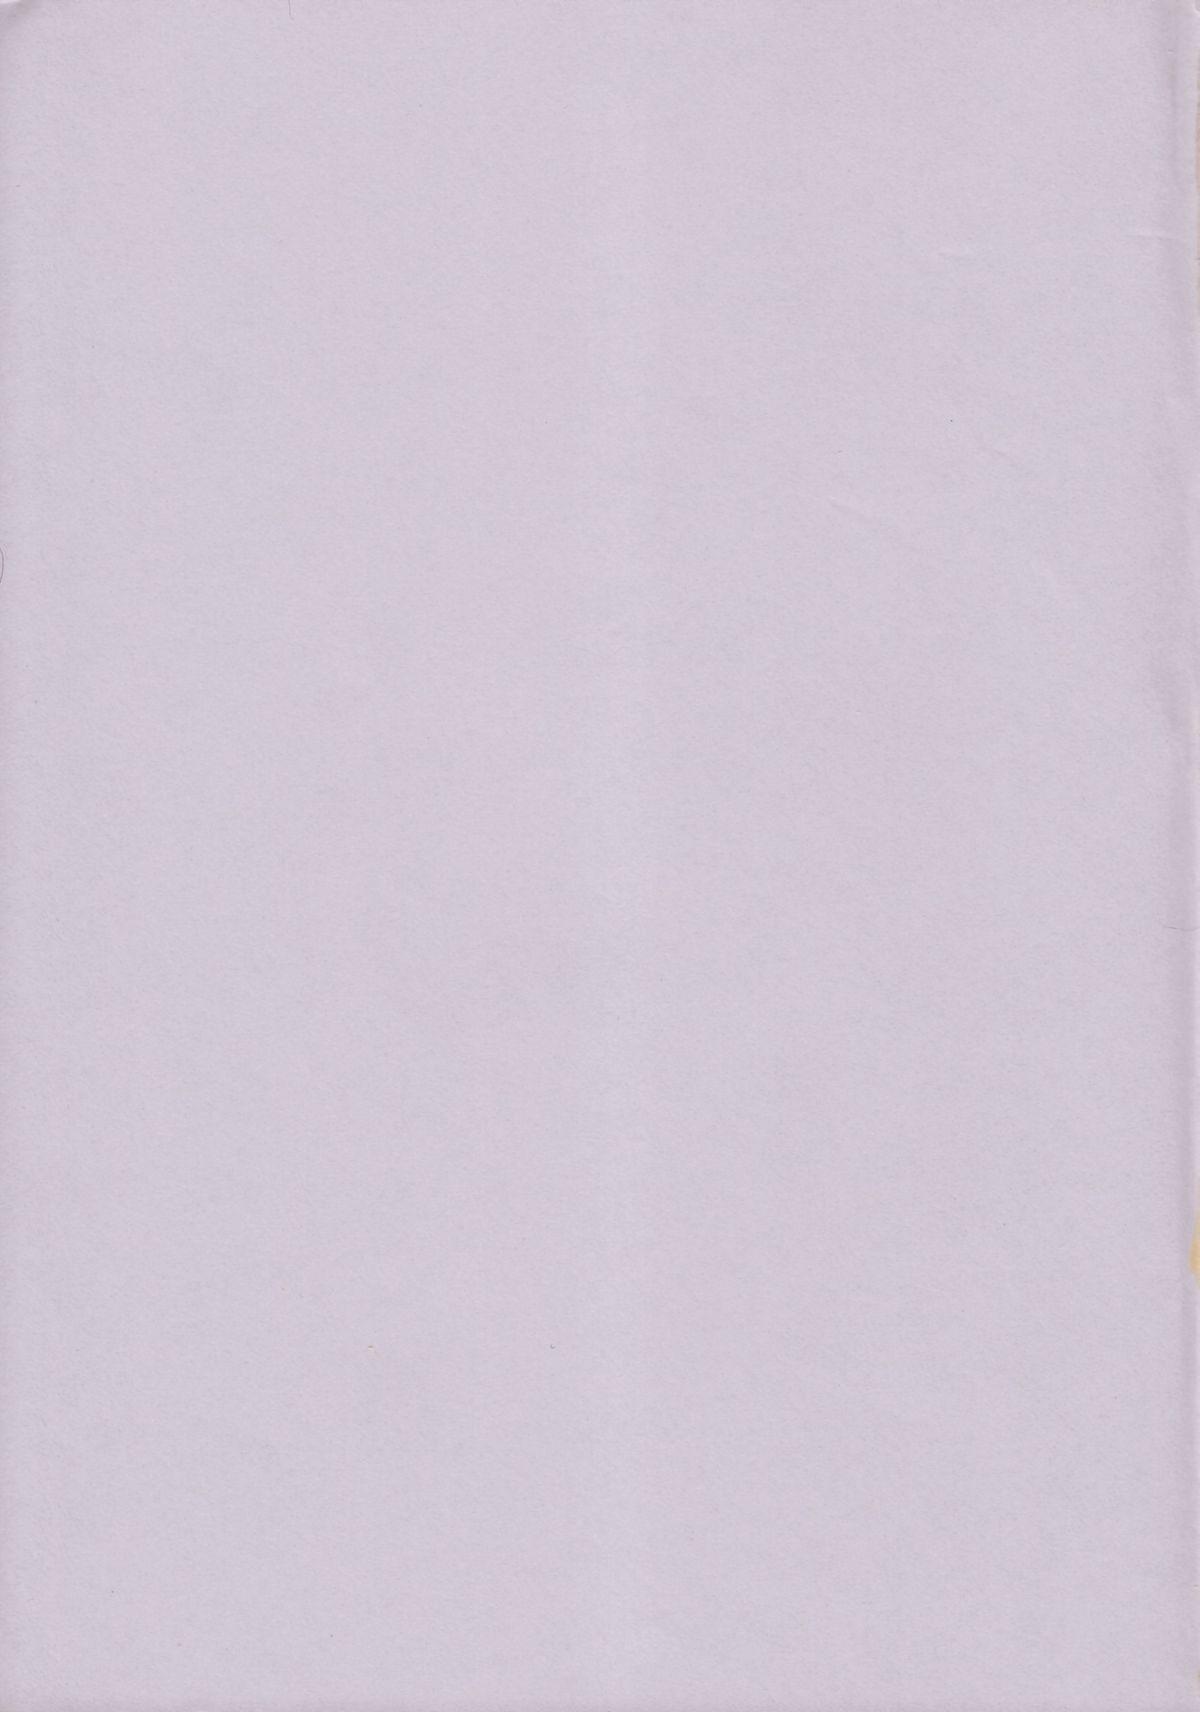 Ikenai! Otokonoko Hon Boy's H Book 2 73